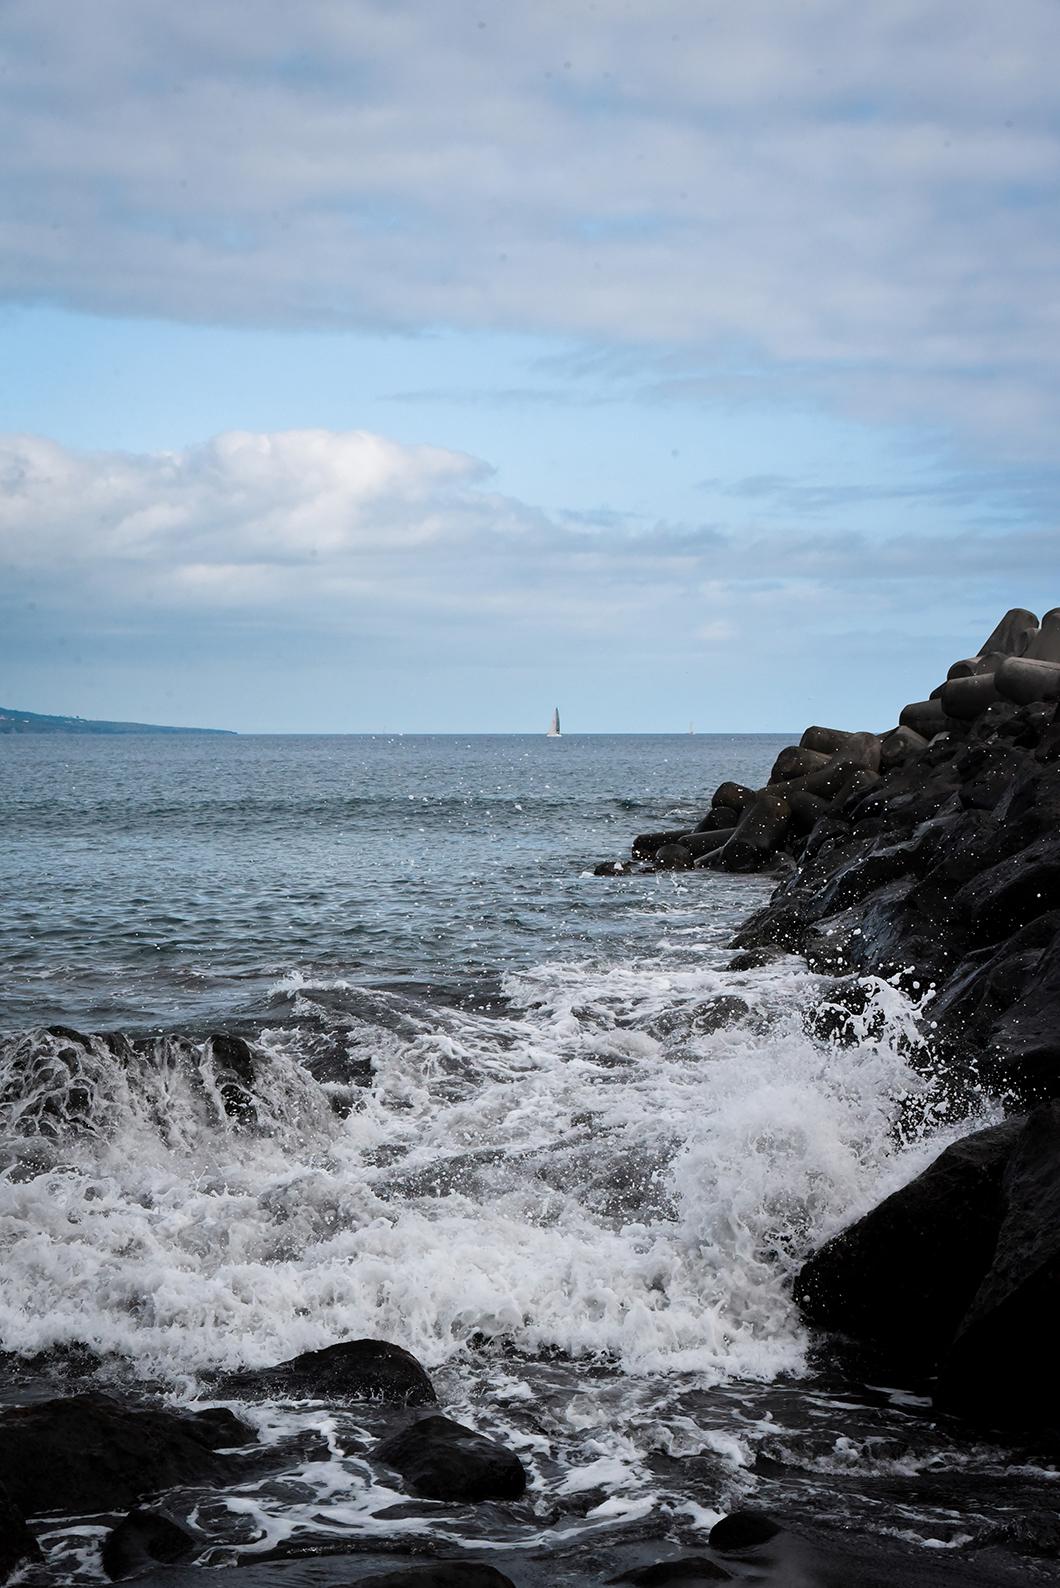 Praia da Conceição, plage de sable noir sur l'île de Faial